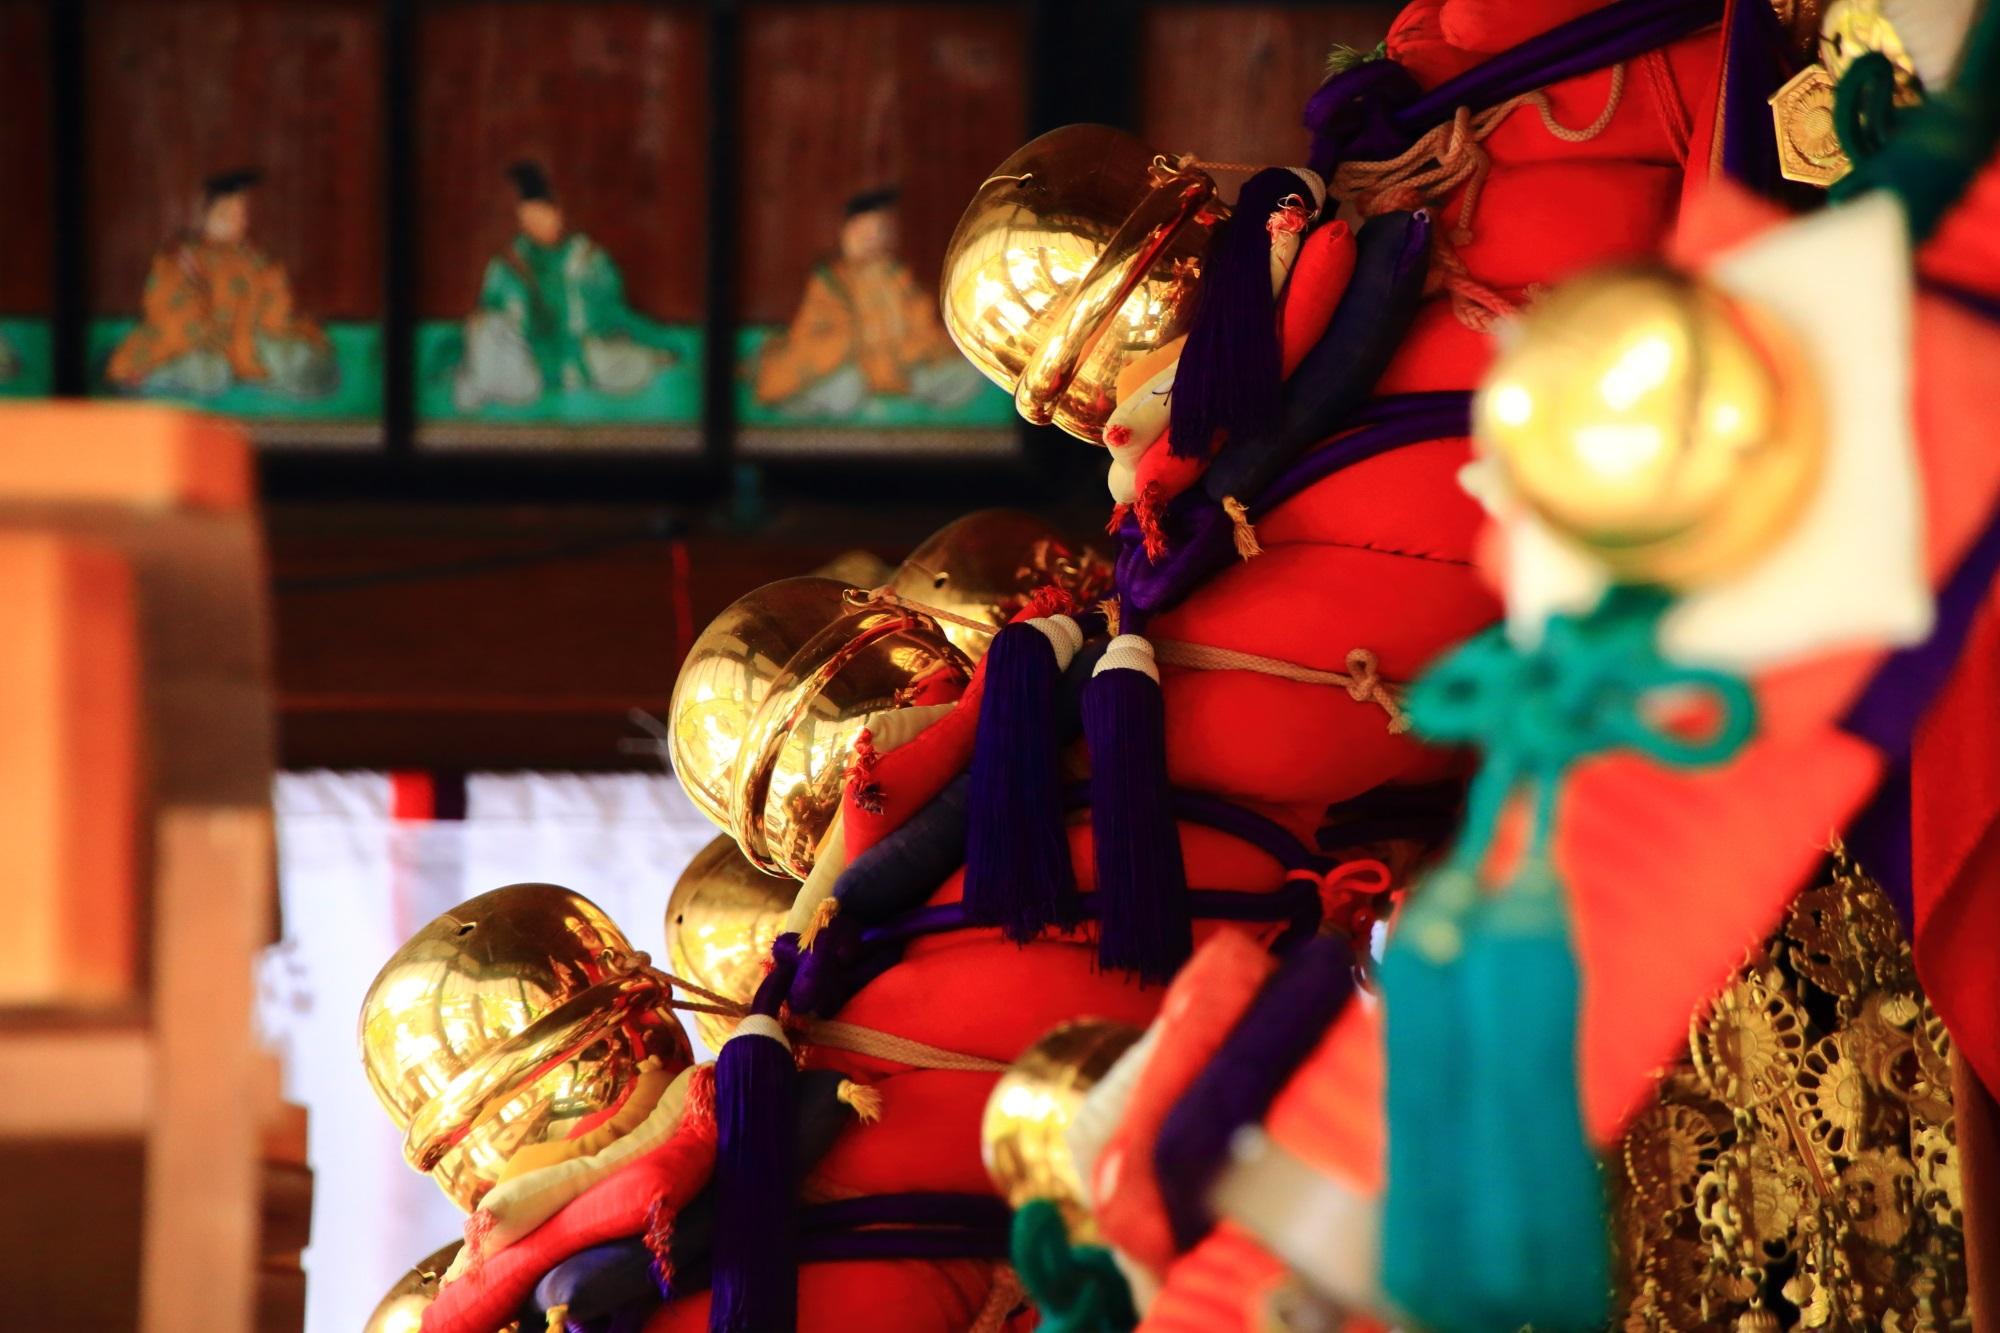 上御霊神社のお神輿のピカピカの鈴